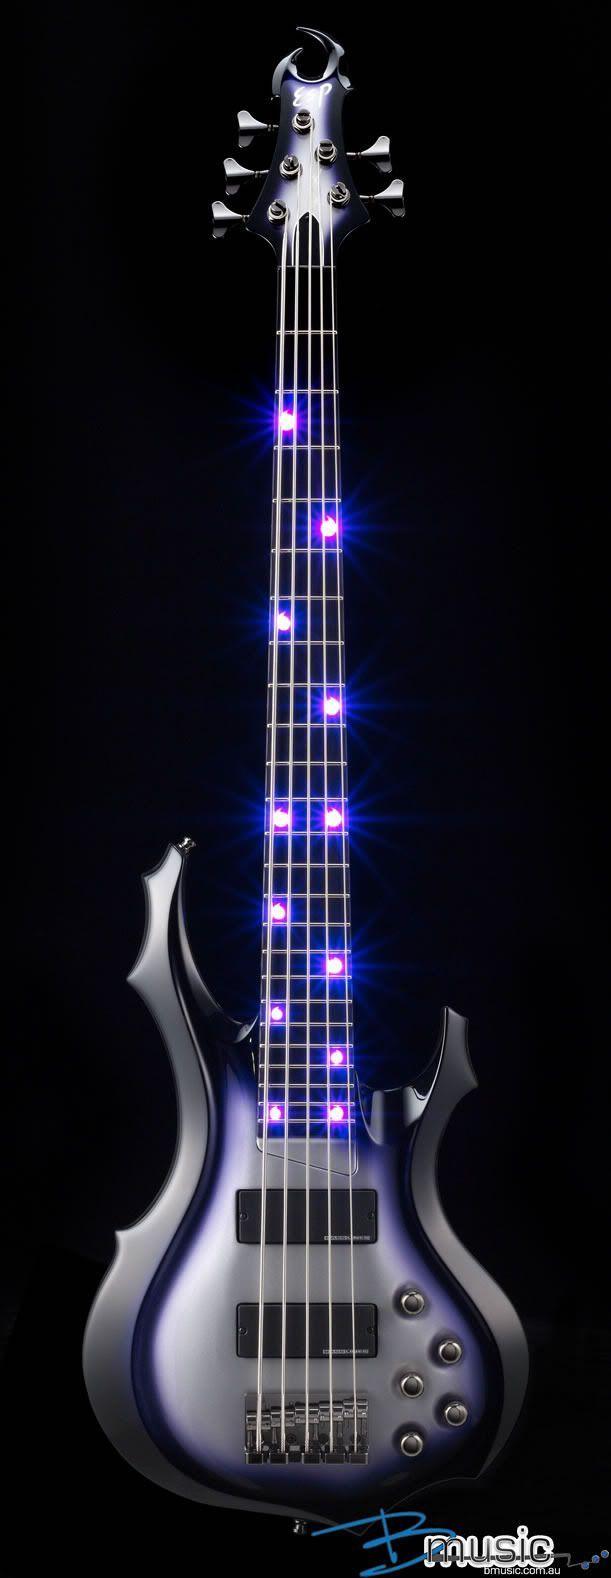 Dorris Yeh member of heavy metal band Chthonic Esp f-415 Bass with purple led Confira aqui http://mundodemusicas.com/lojas-instrumentos/ as melhores lojas online de Instrumentos Musicais.